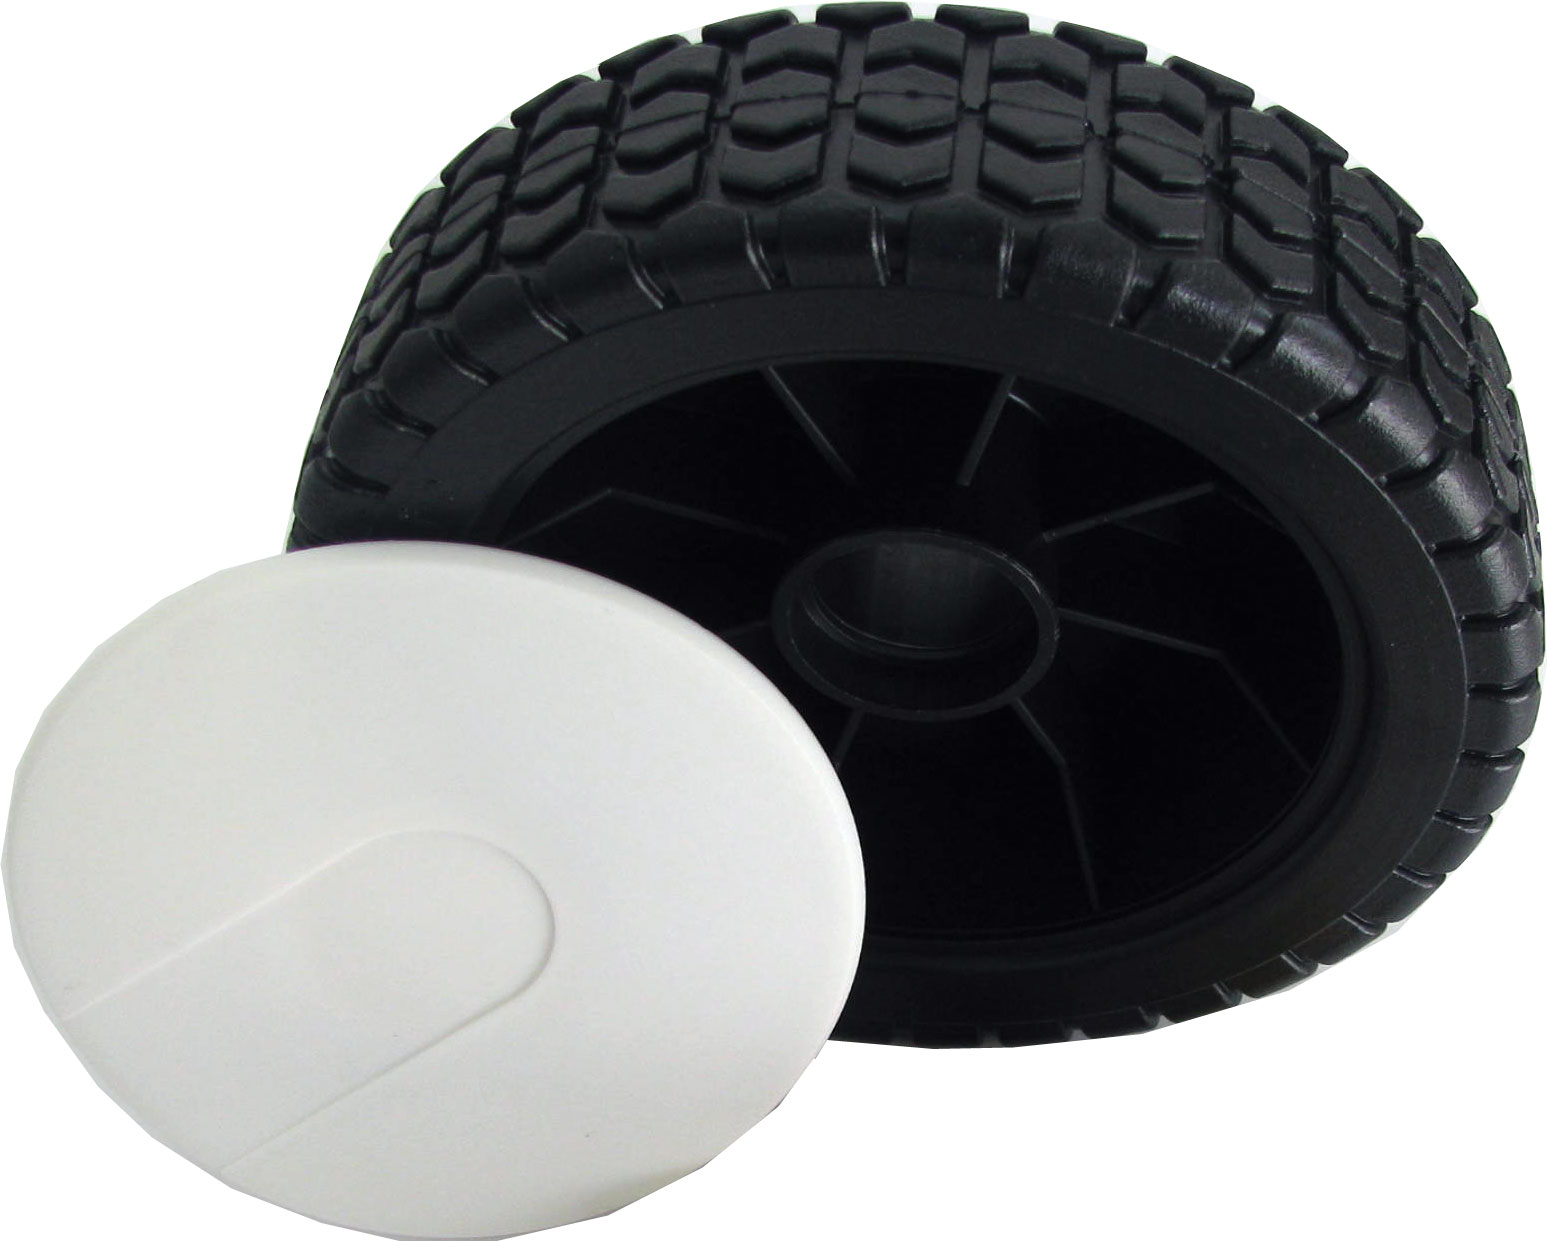 7dbe19022fd Колело за косачка пластмасово с втулки 150mm - Резервни части